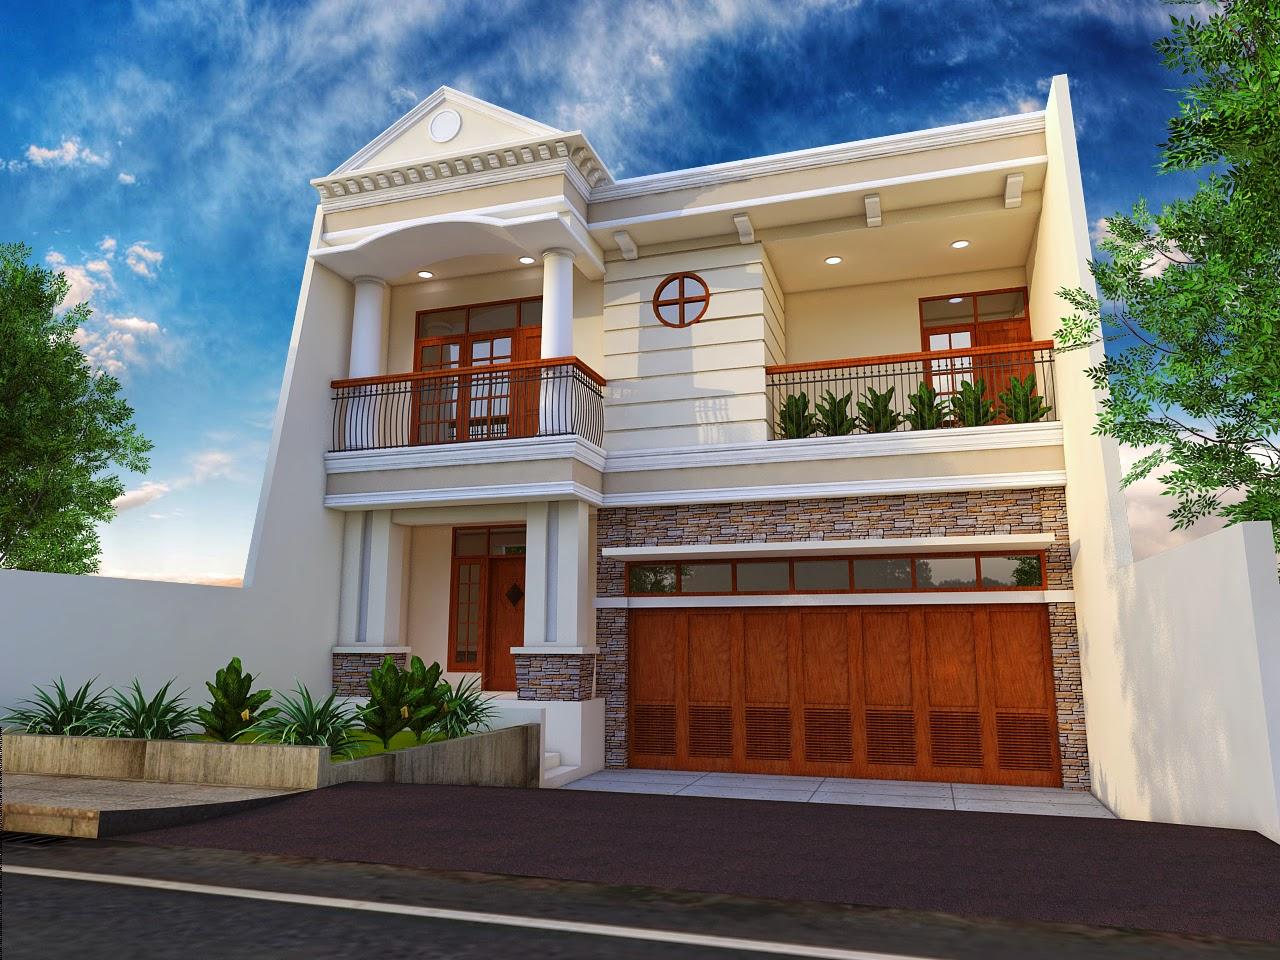 Gambar Rumah Klasik Modern Desain Minimalis Lantai 2 Tingkat